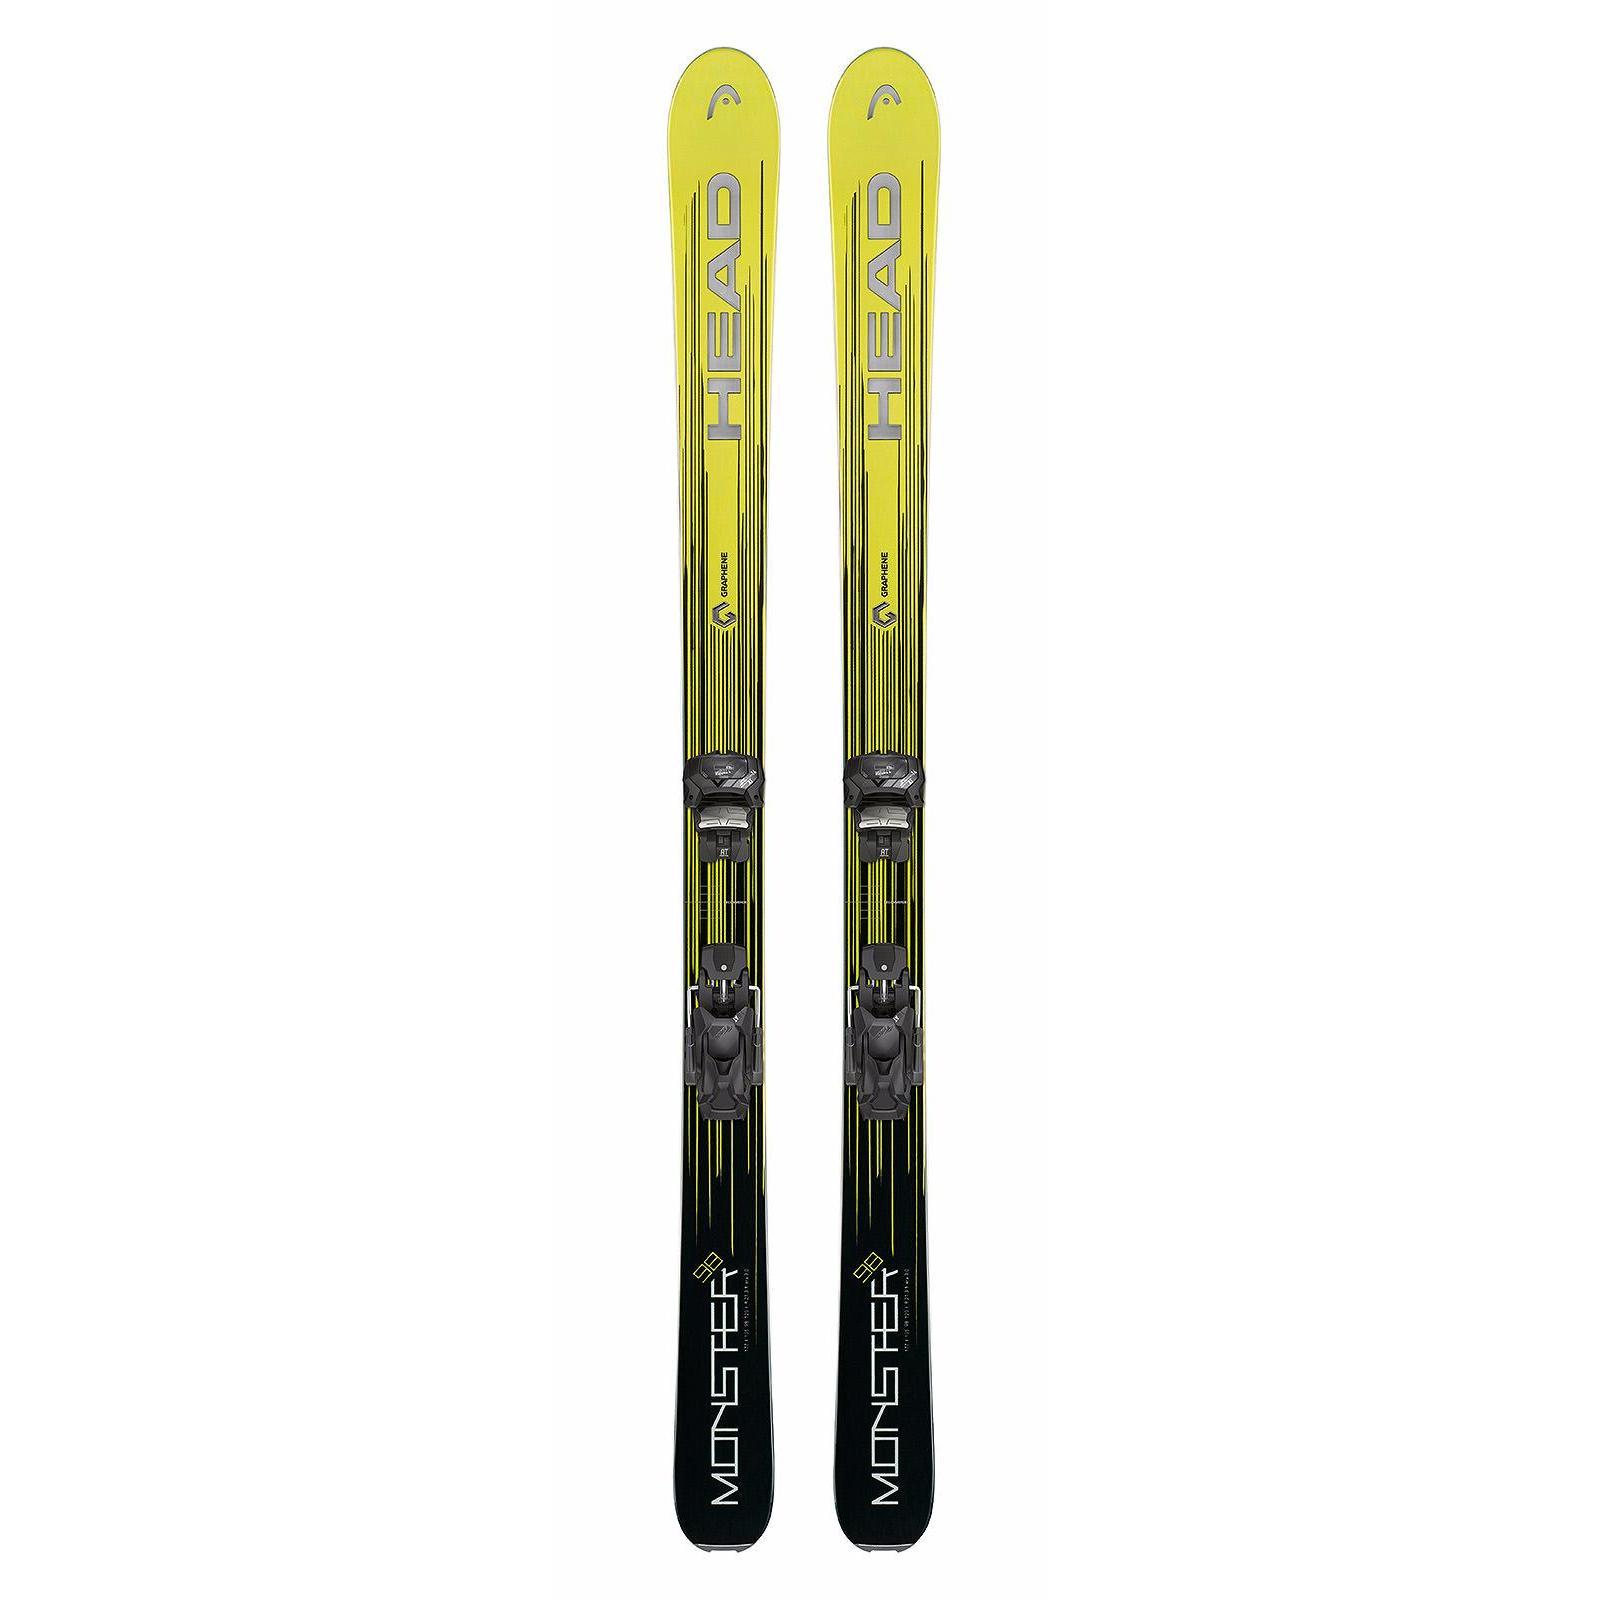 Купить Горные лыжи с креплениями HEAD 2017-18 Monster SLR2 (117-157)+SLR 7.5 neon yellow/black, лыжи, 1365243